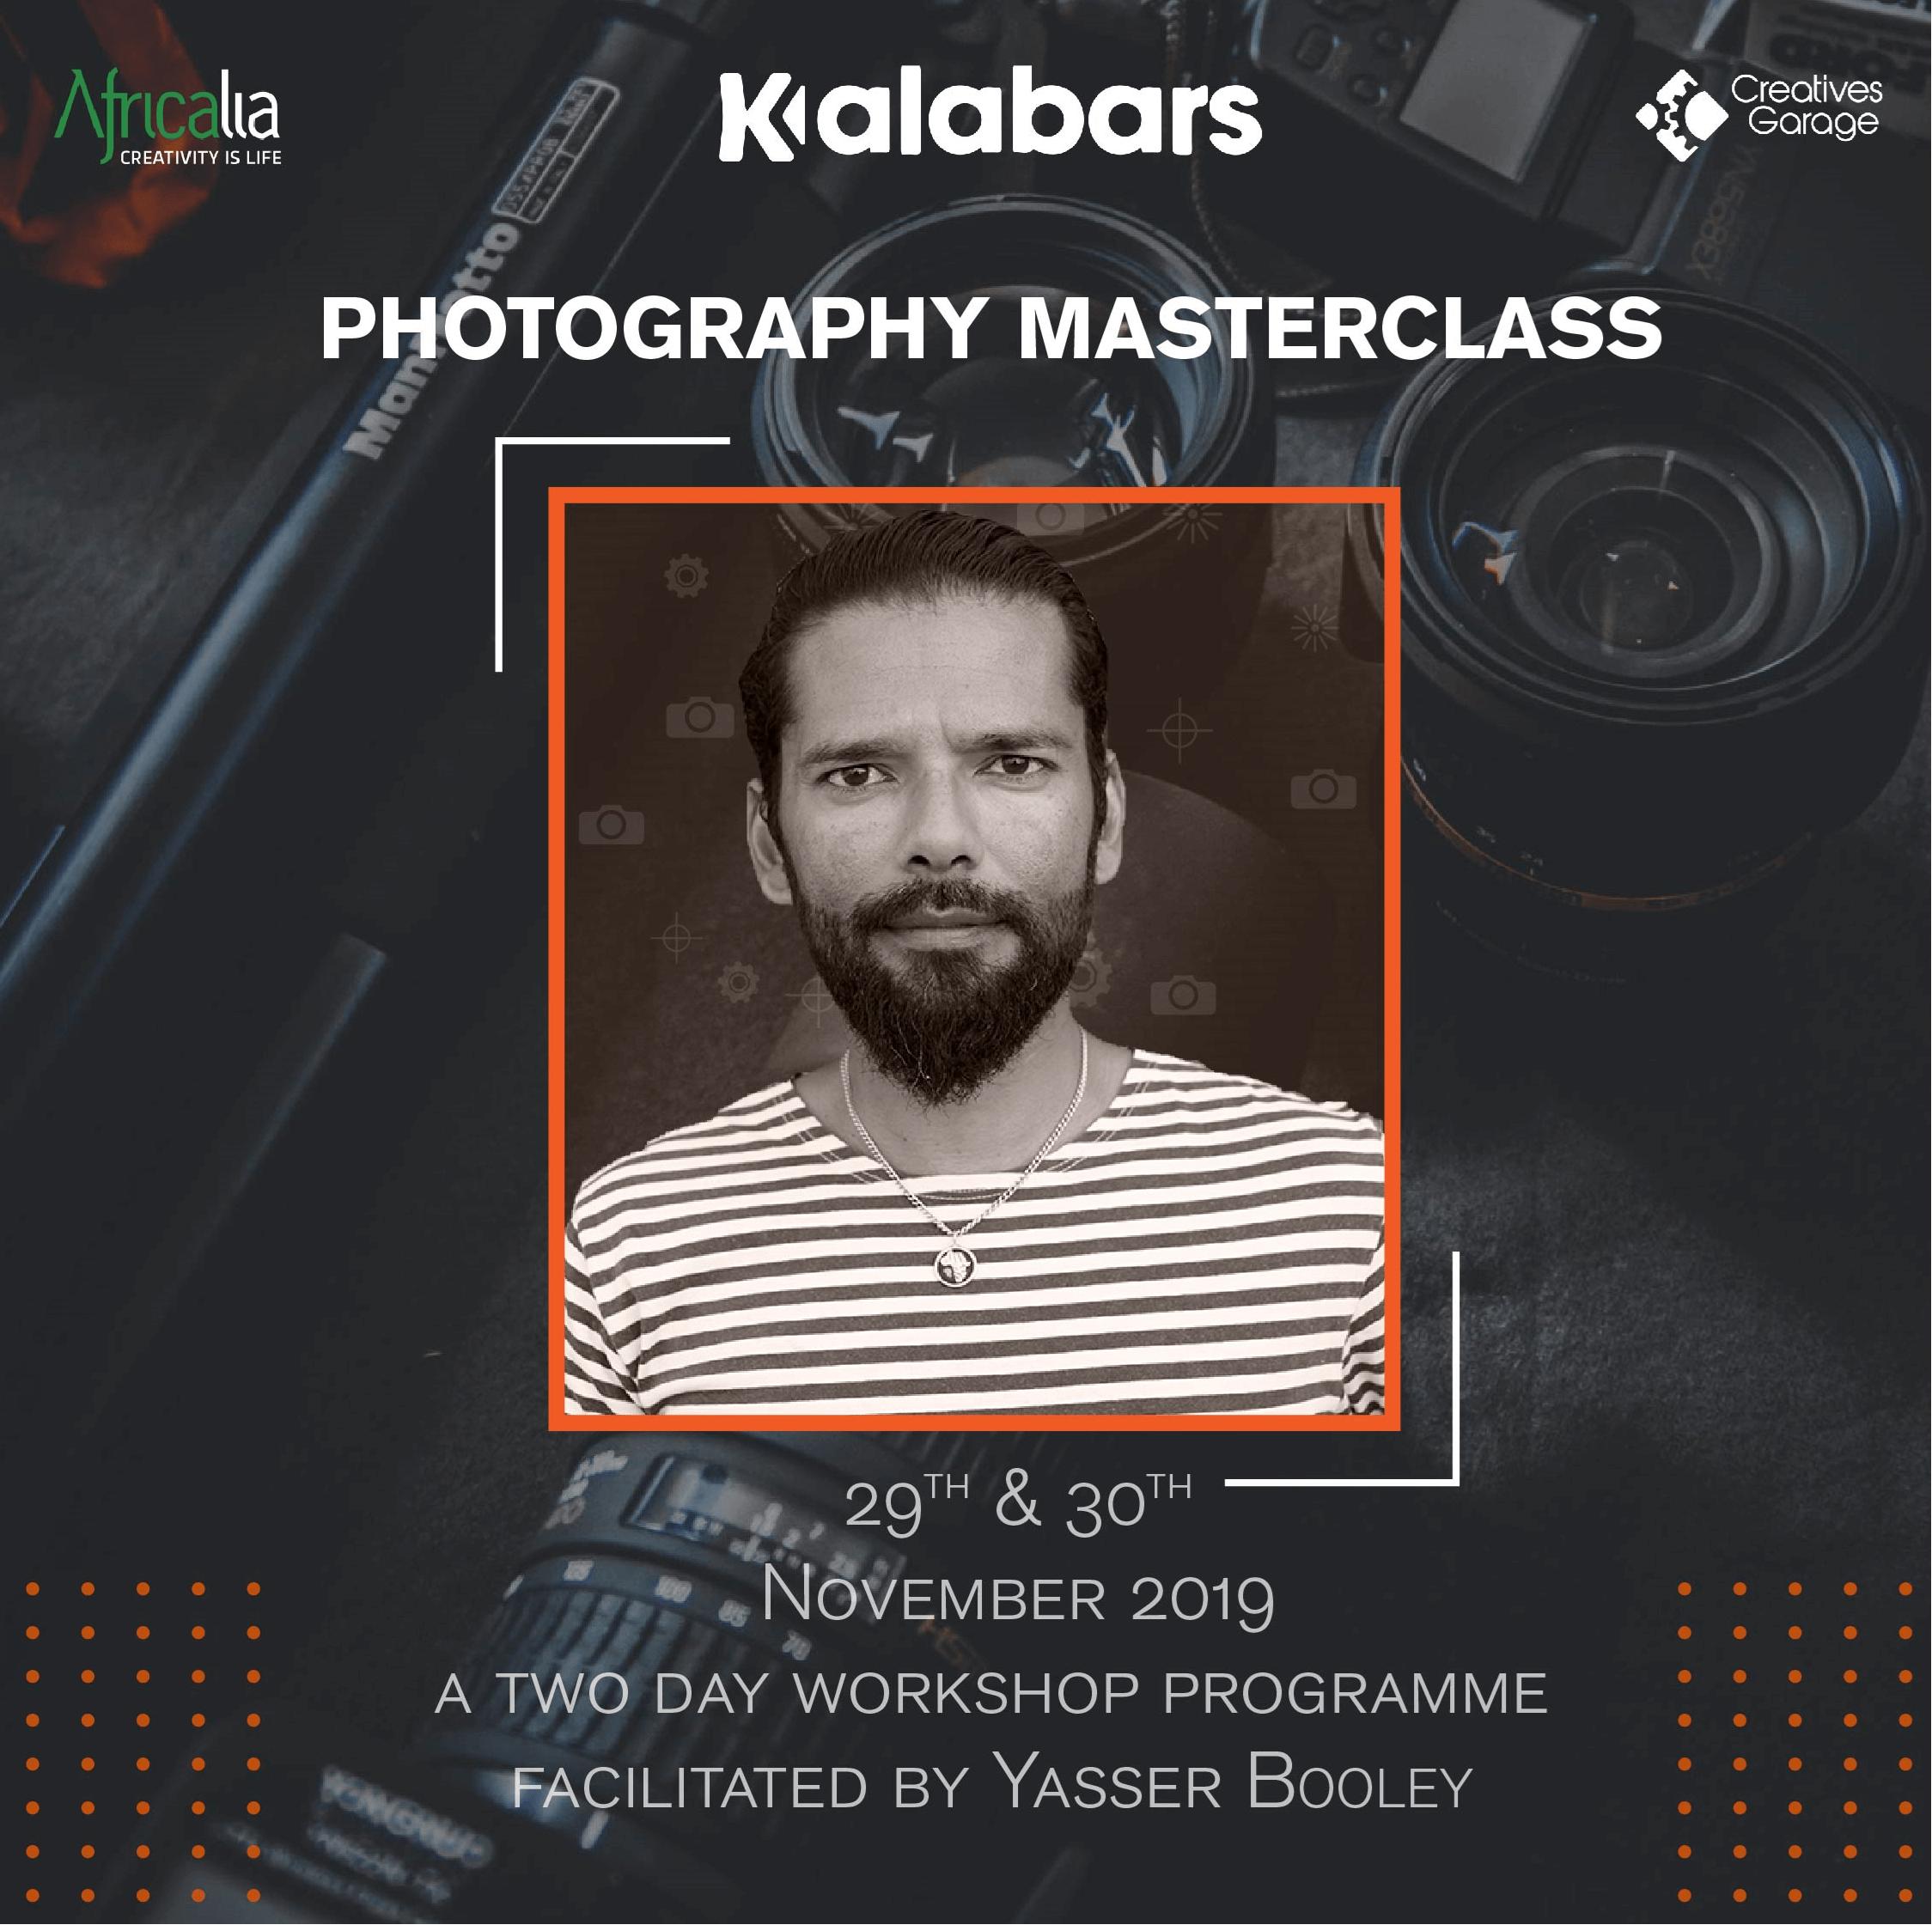 Kalabars Photography Masterclass